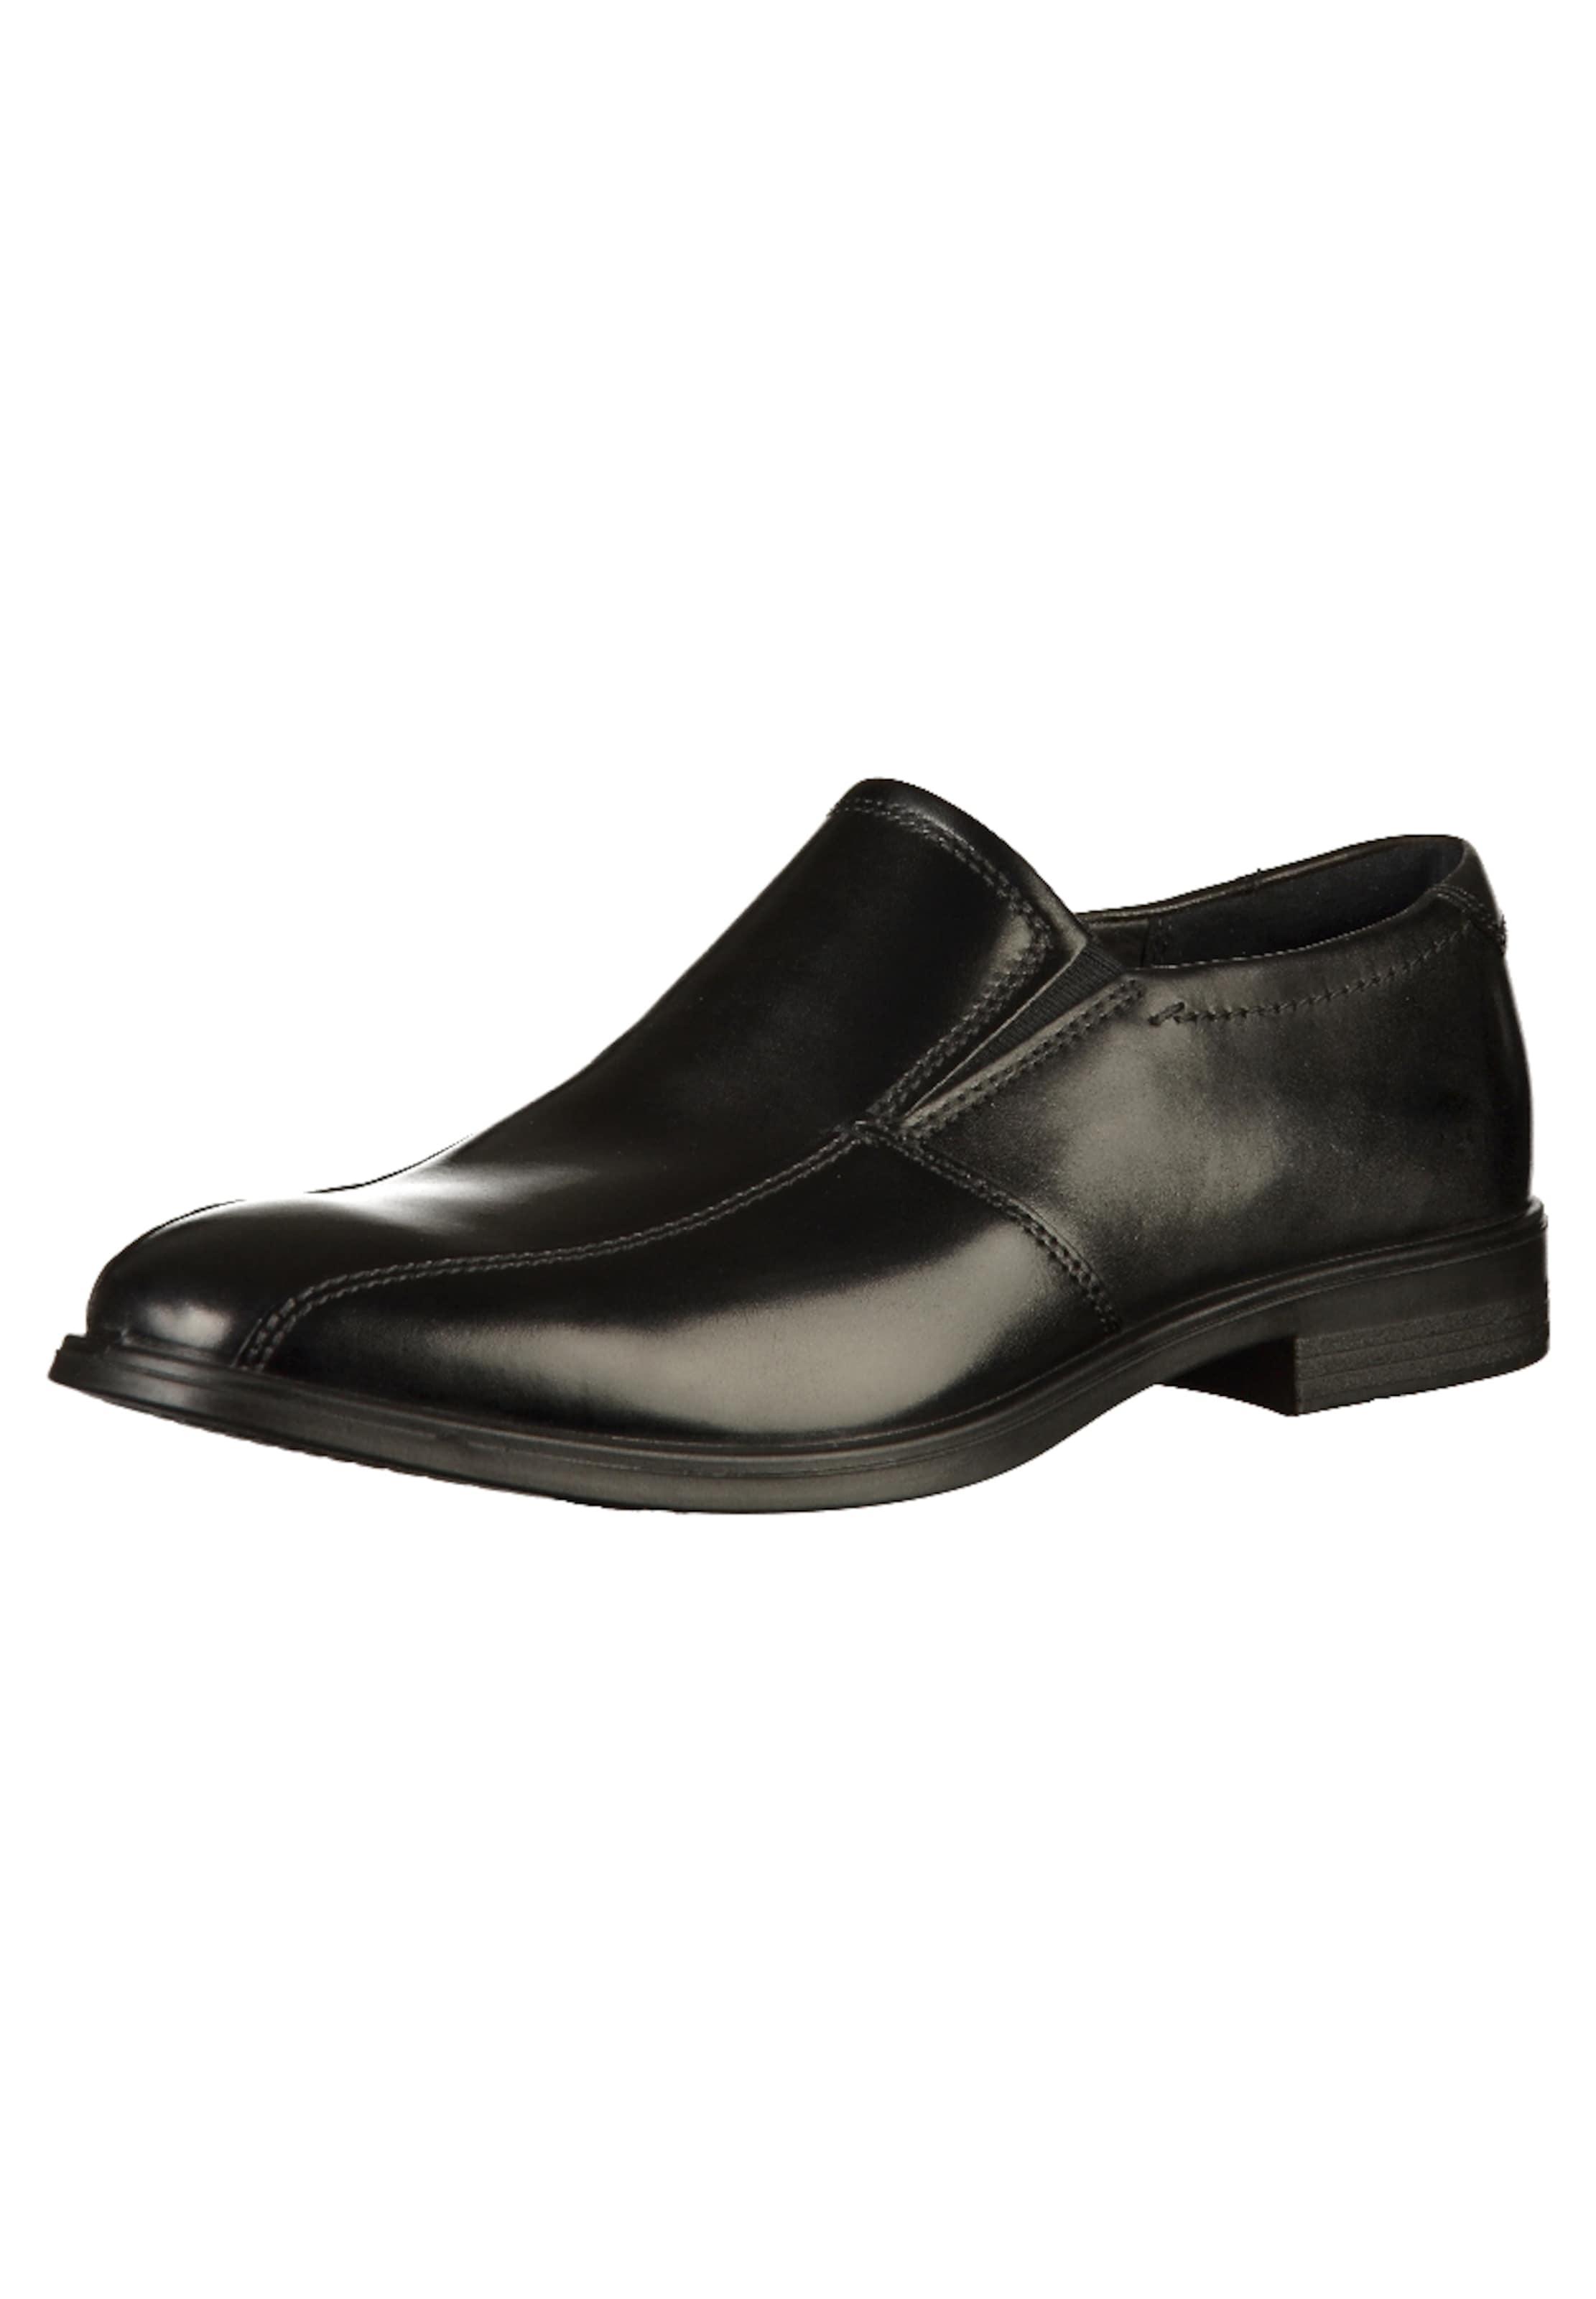 ECCO Businessschuhe Günstige und und Günstige langlebige Schuhe a85798